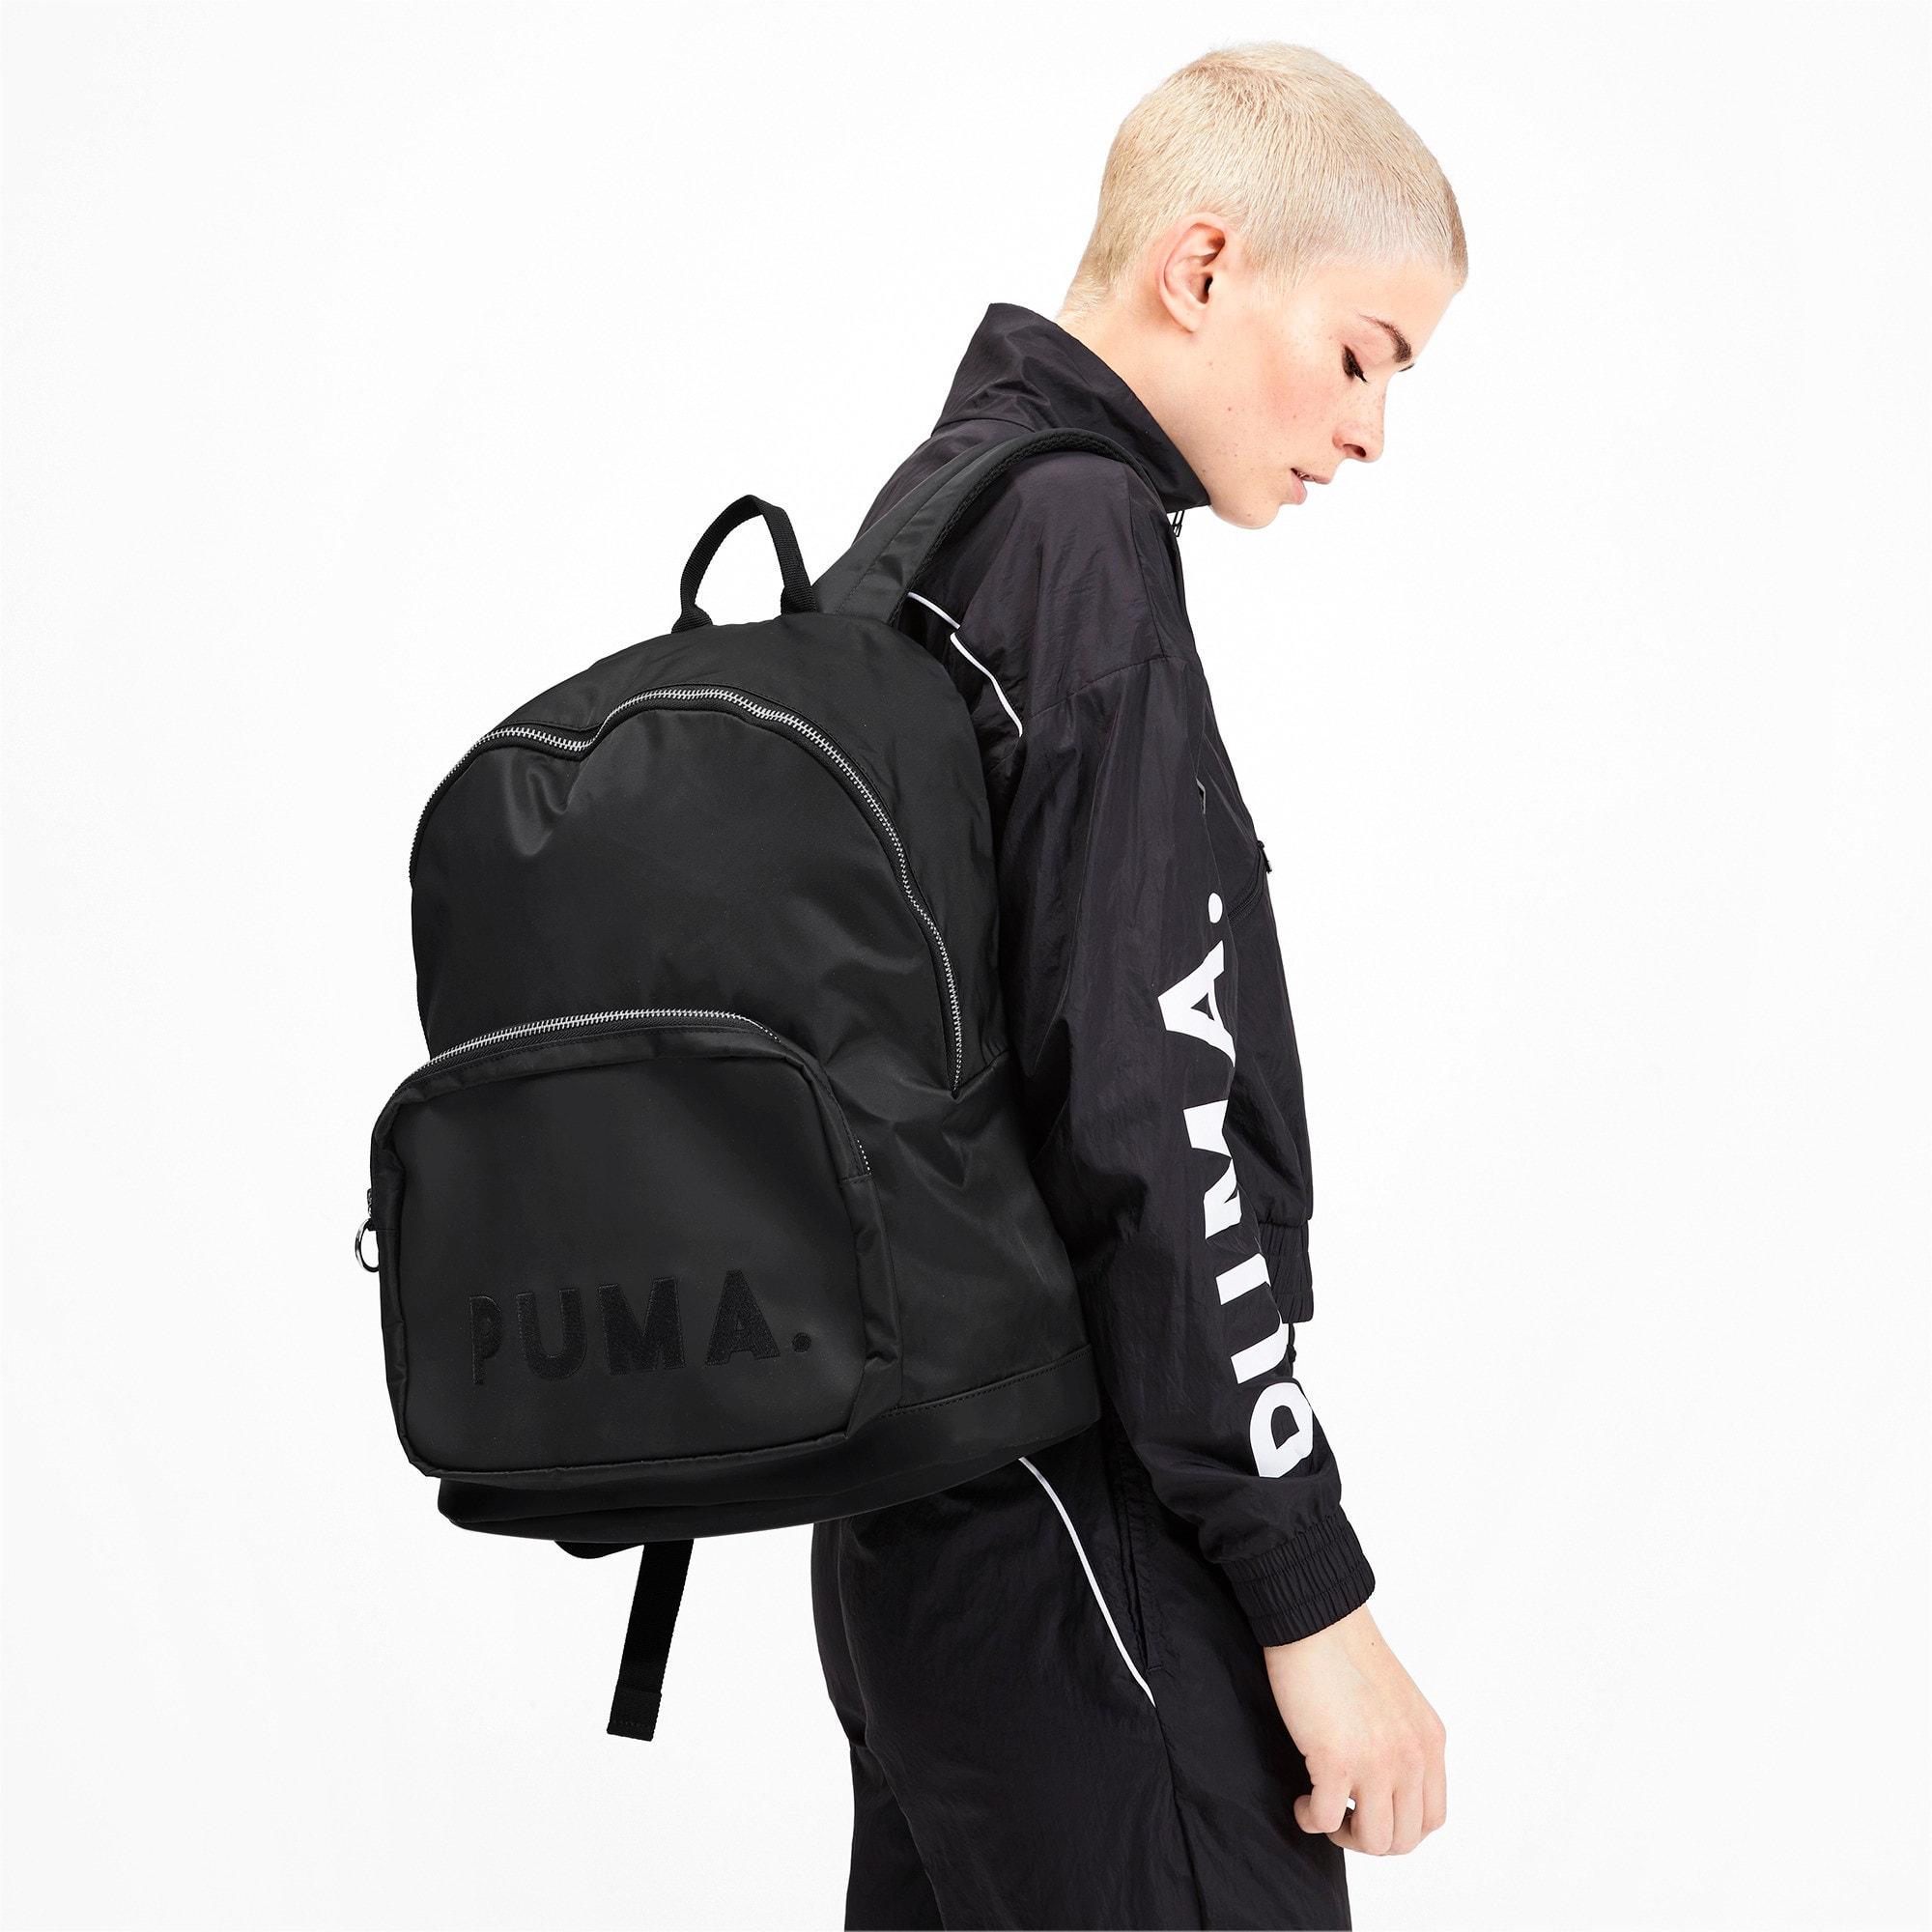 Thumbnail 2 of Originals Trend Backpack, Puma Black, medium